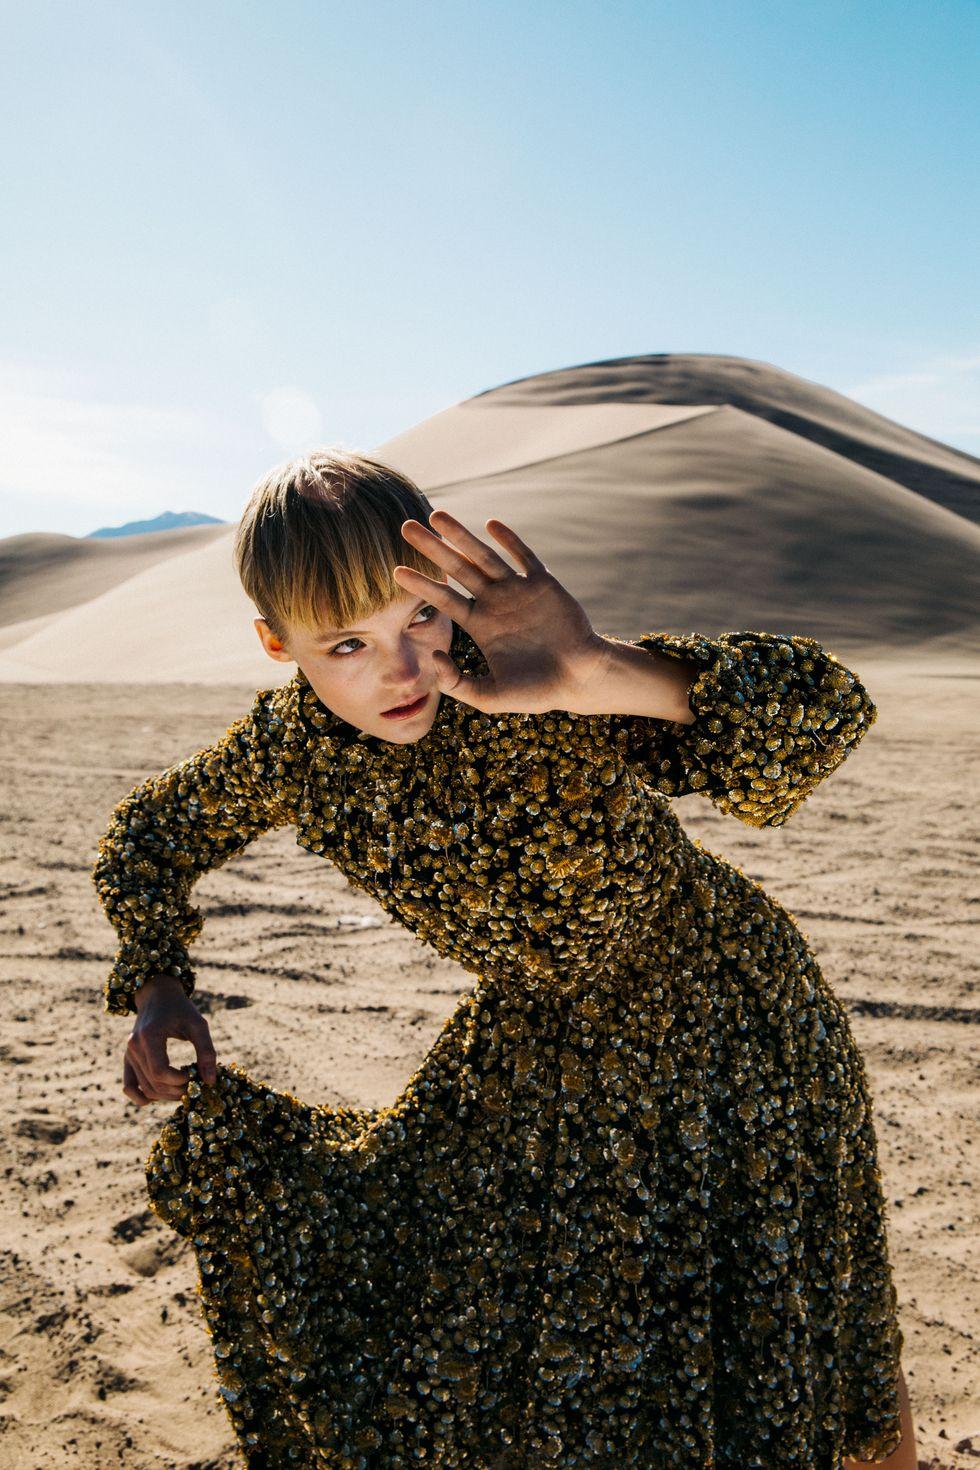 Bộ ảnh thời trang của tạp chí Elle tại Thung lũng chết 0 9